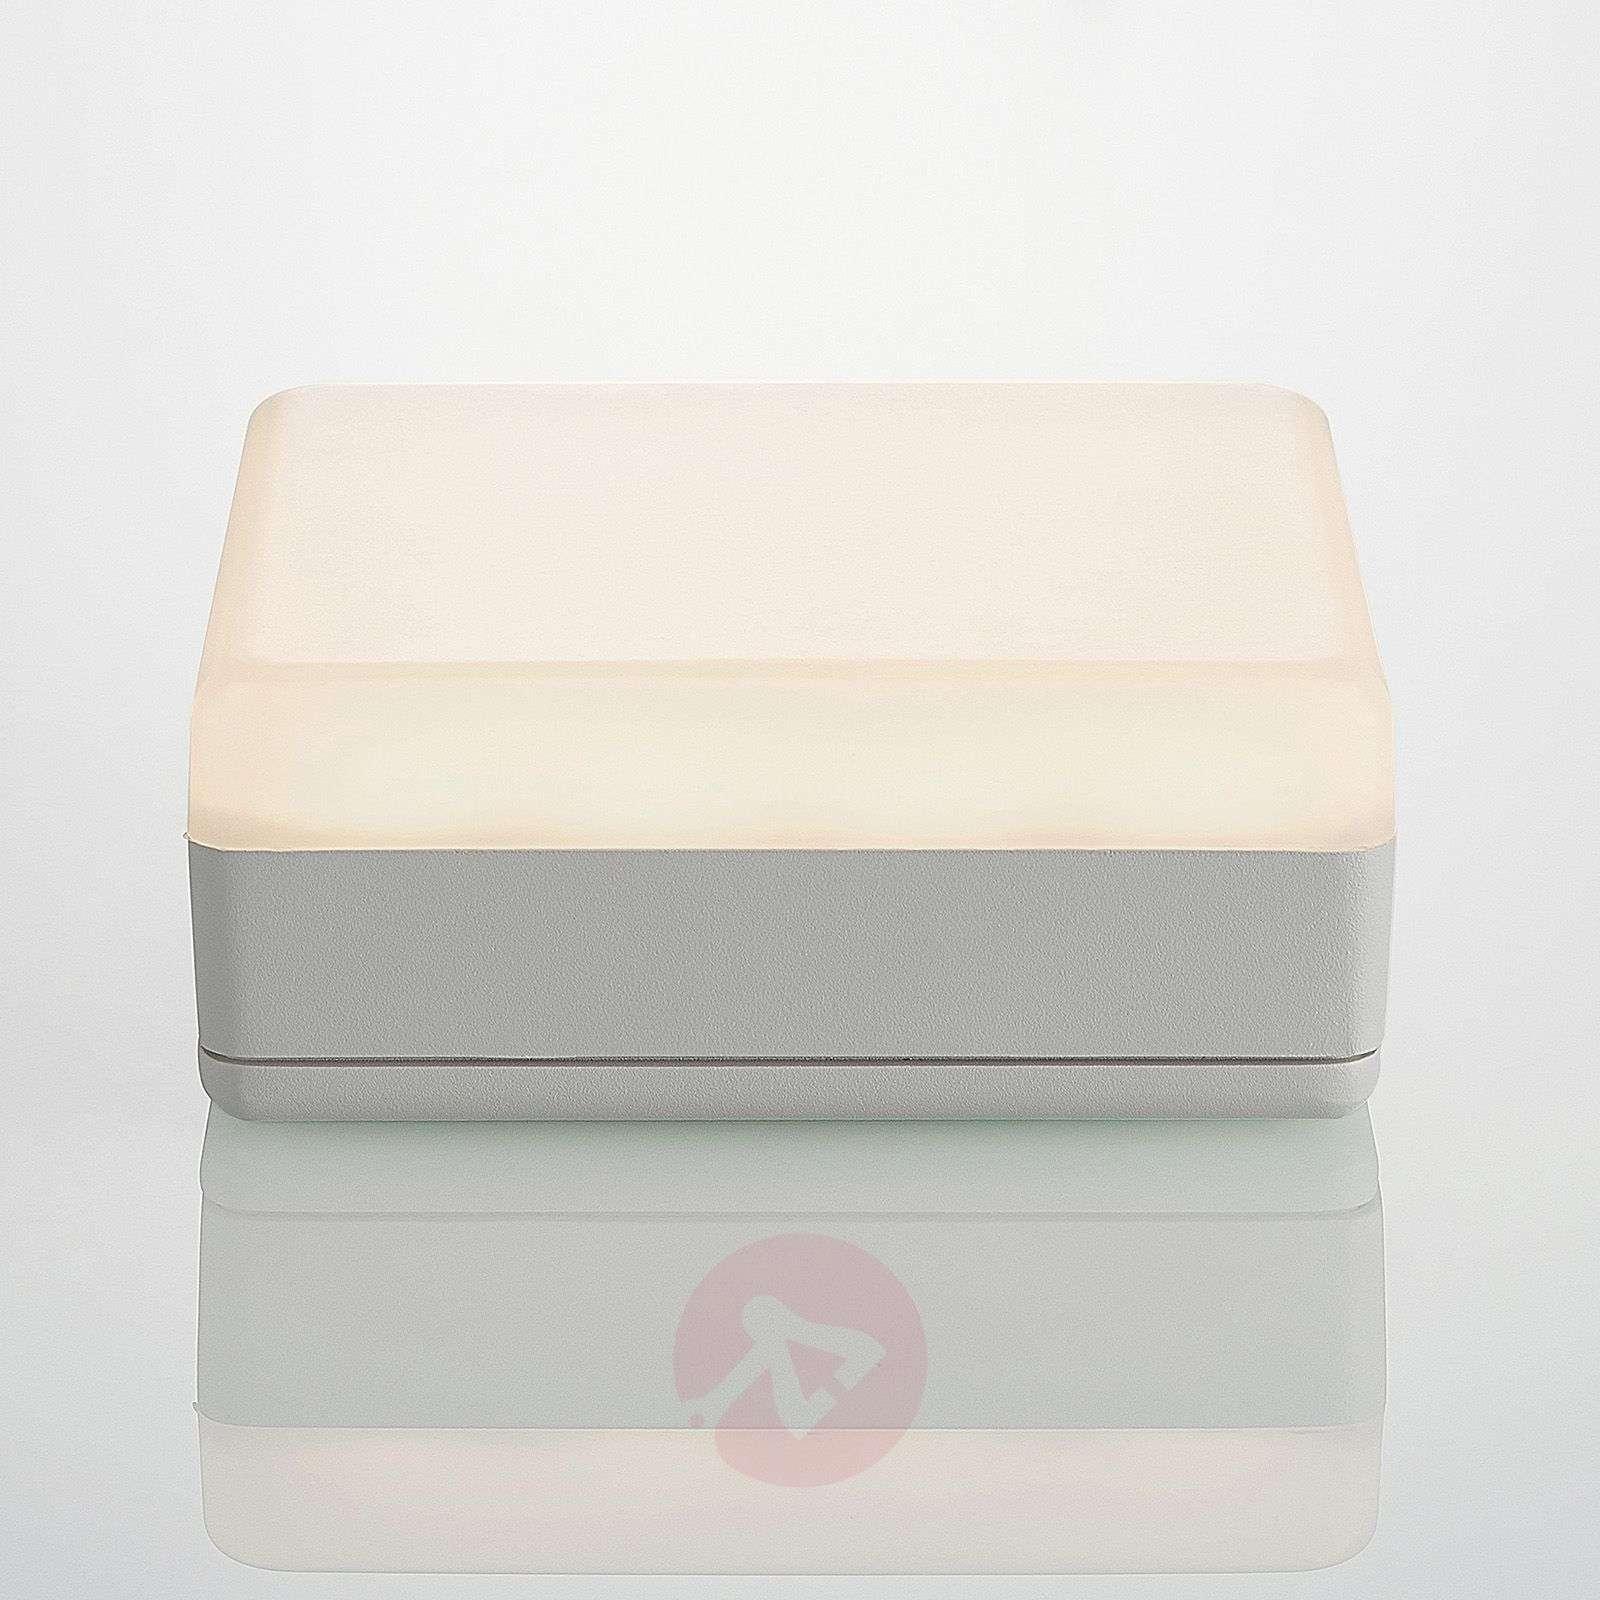 LED-kattovalaisin Thilo valkoinen 16 cm sensori HF-9969145-02